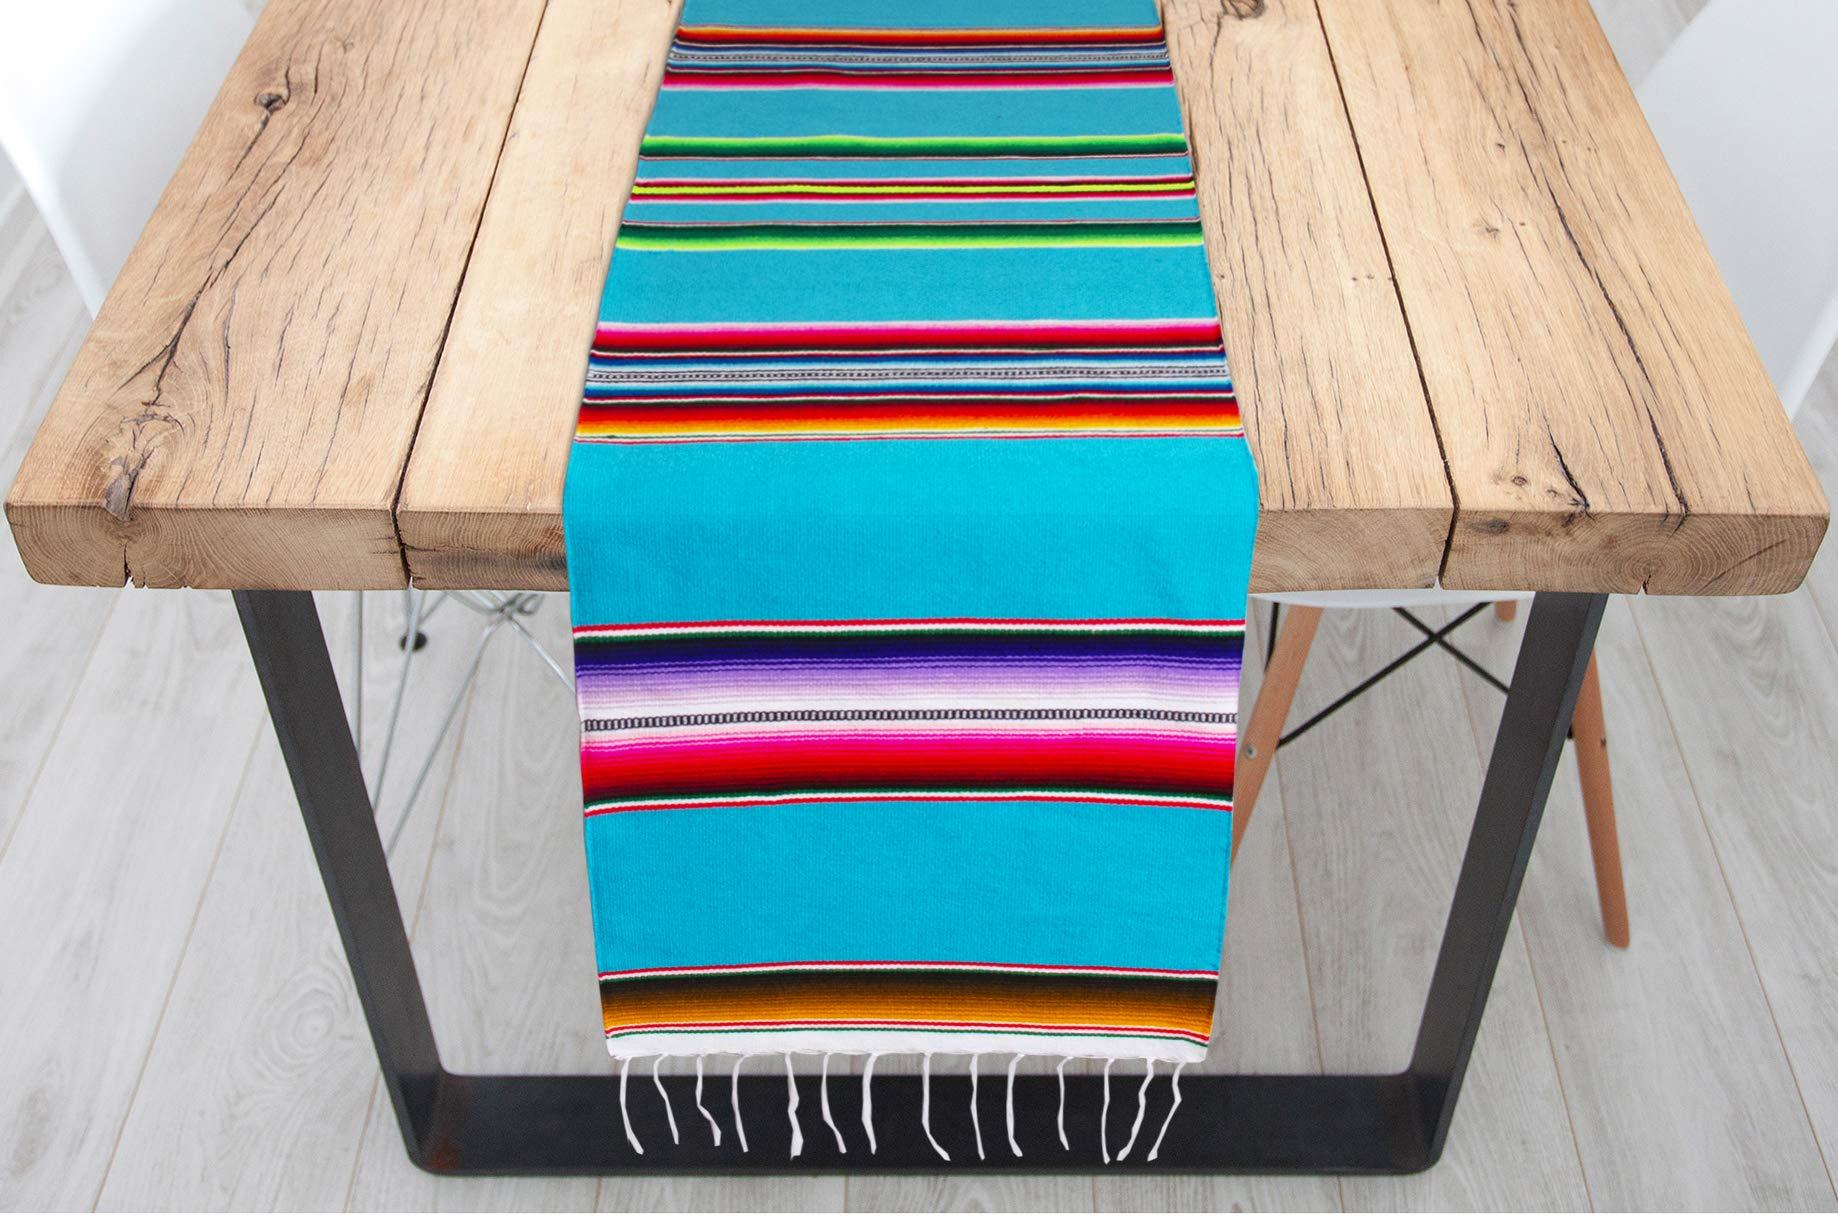 Genuine Mexican Premium Handwoven Bright MexicanTable Runner Saltillo Serape Colorful Striped Sarape 60'' x 12'' (Turquoise)